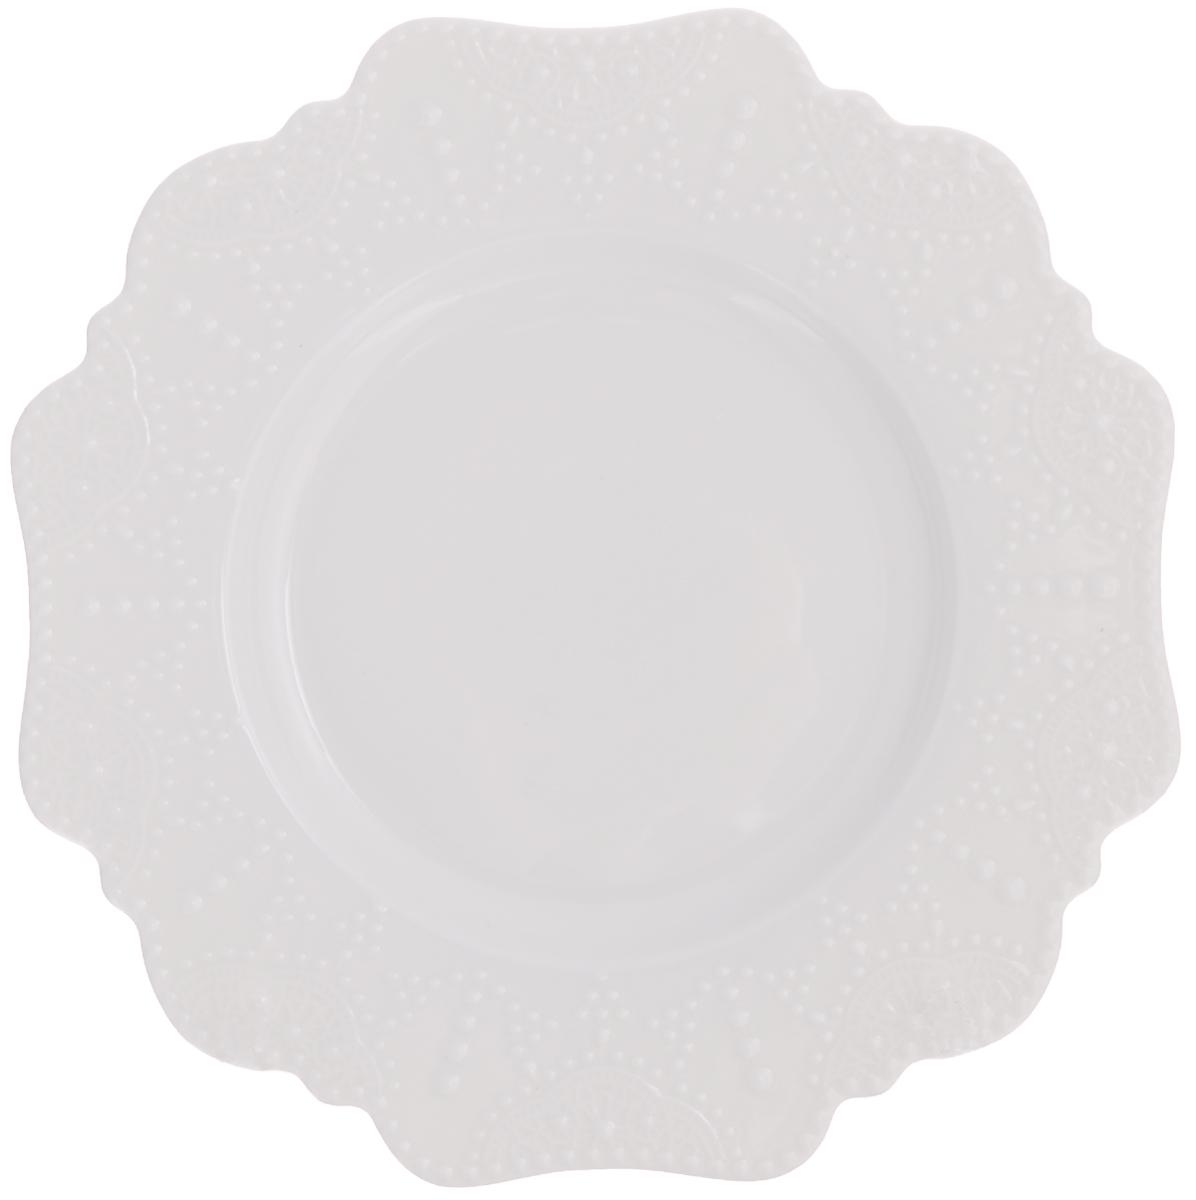 Тарелка десертная Walmer Vivien, цвет: белый, диаметр 21 смW07230021Десертная тарелка Luminarc Vivien выполнена из высококачественного фарфора. Такая тарелка прекрасно подходит как для торжественных случаев, так и для повседневного использования. Идеальна для подачи десертов, пирожных, тортов и многого другого. Она прекрасно оформит стол и станет отличным дополнением к вашей коллекции кухонной посуды. Диаметр тарелки (по верхнему краю): 21 см.